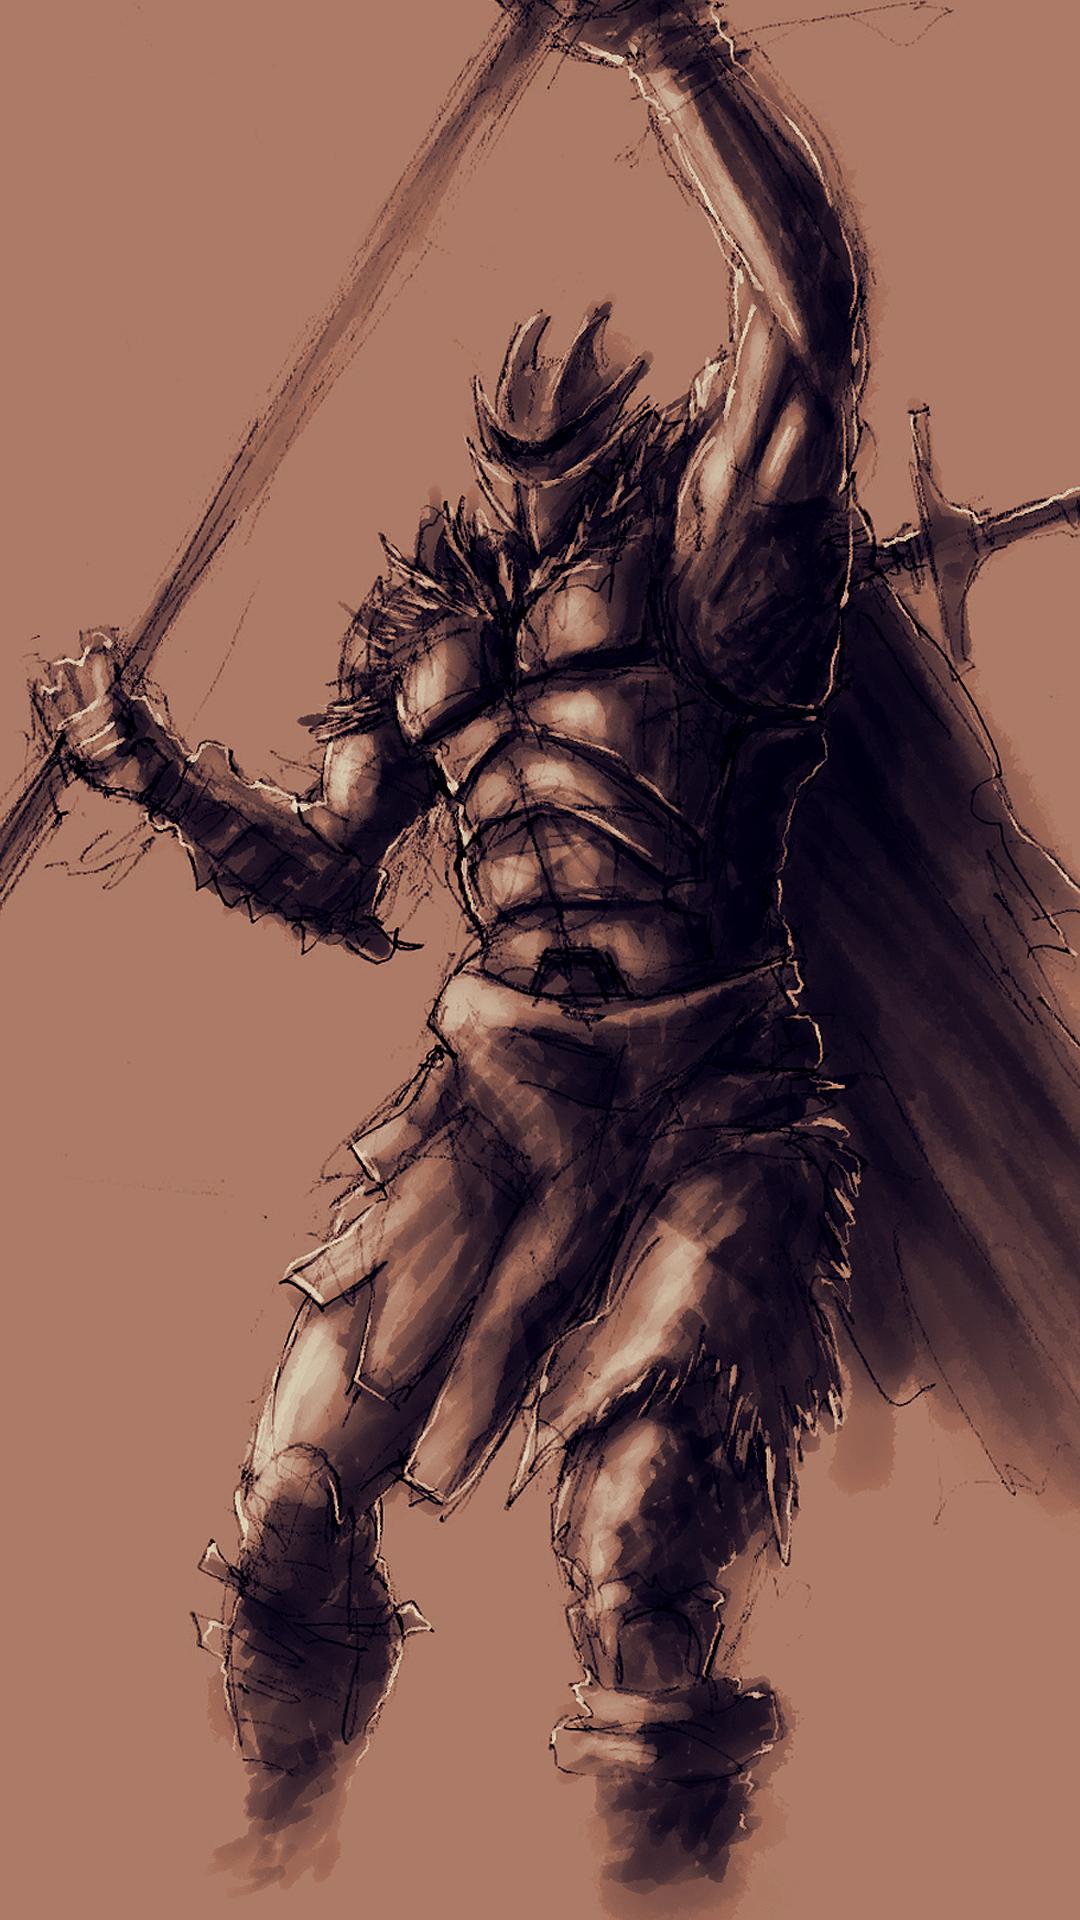 Highlander_Prince_Vlad_02